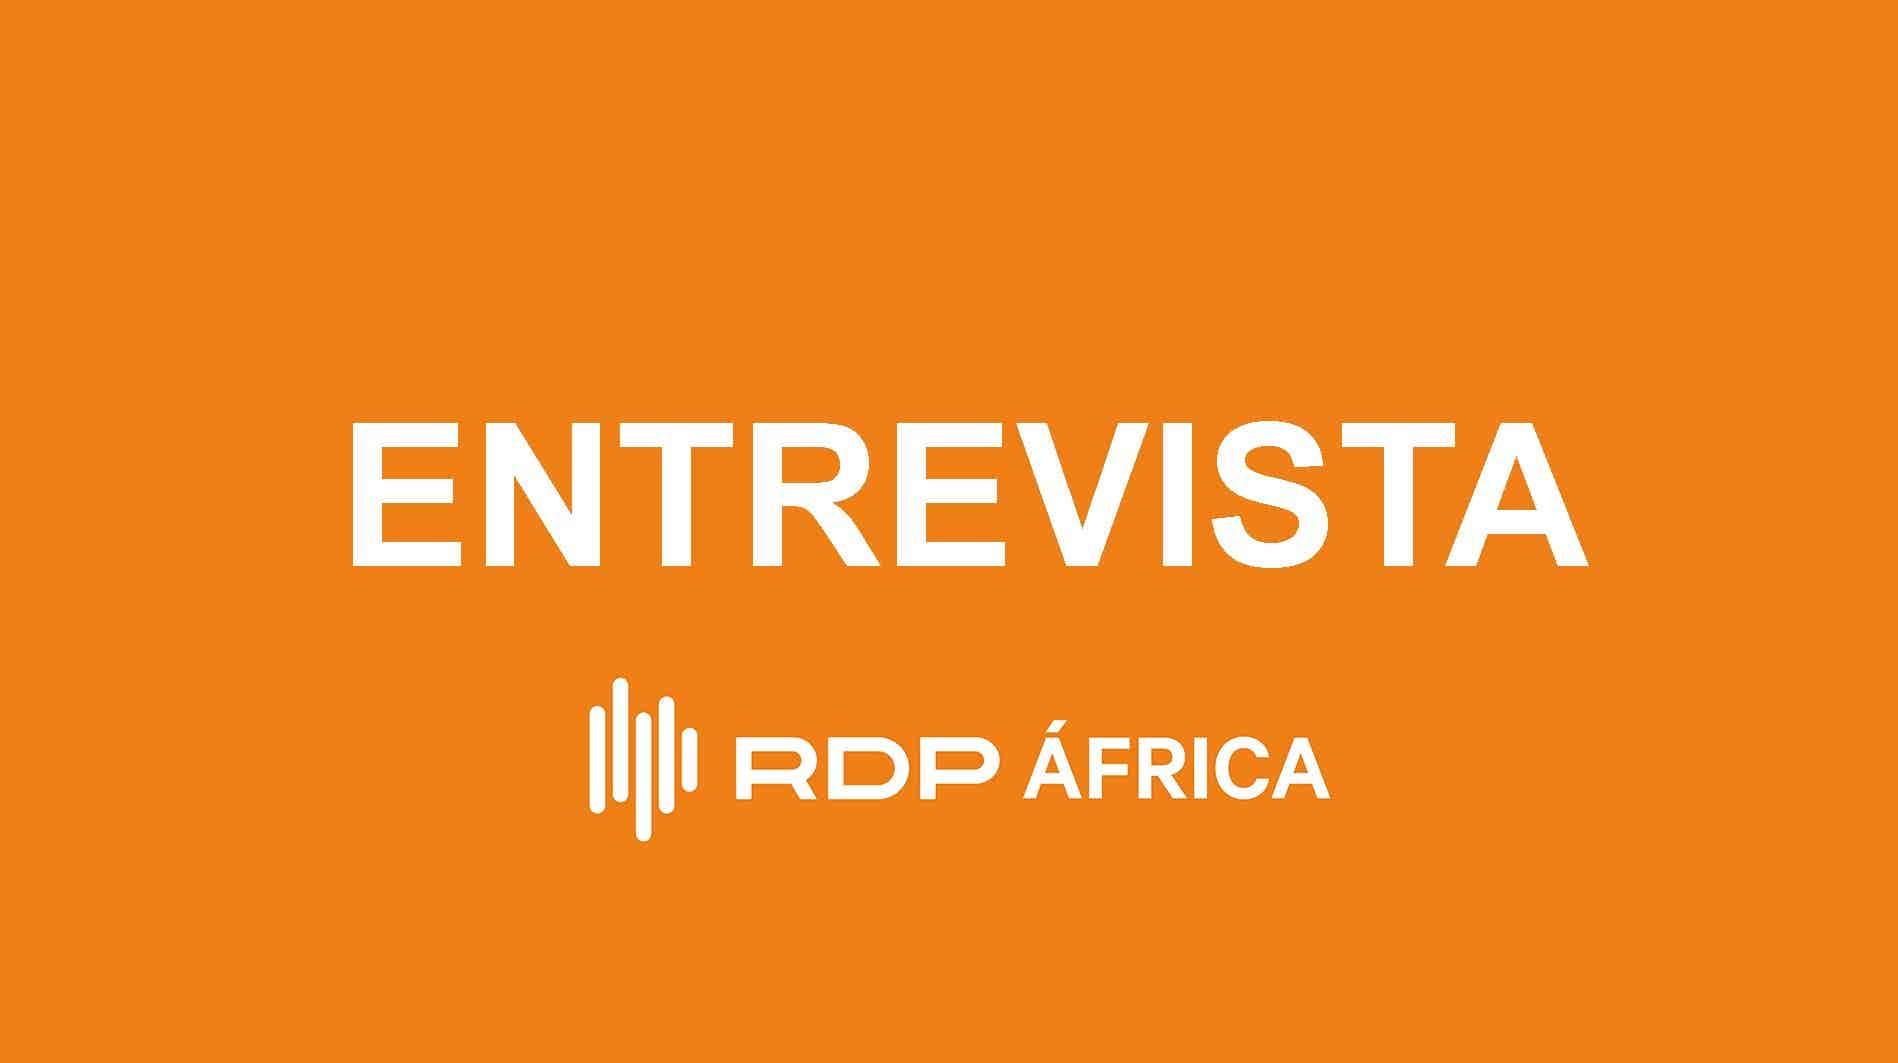 Play - ENTREVISTA RDP - ÁFRICA